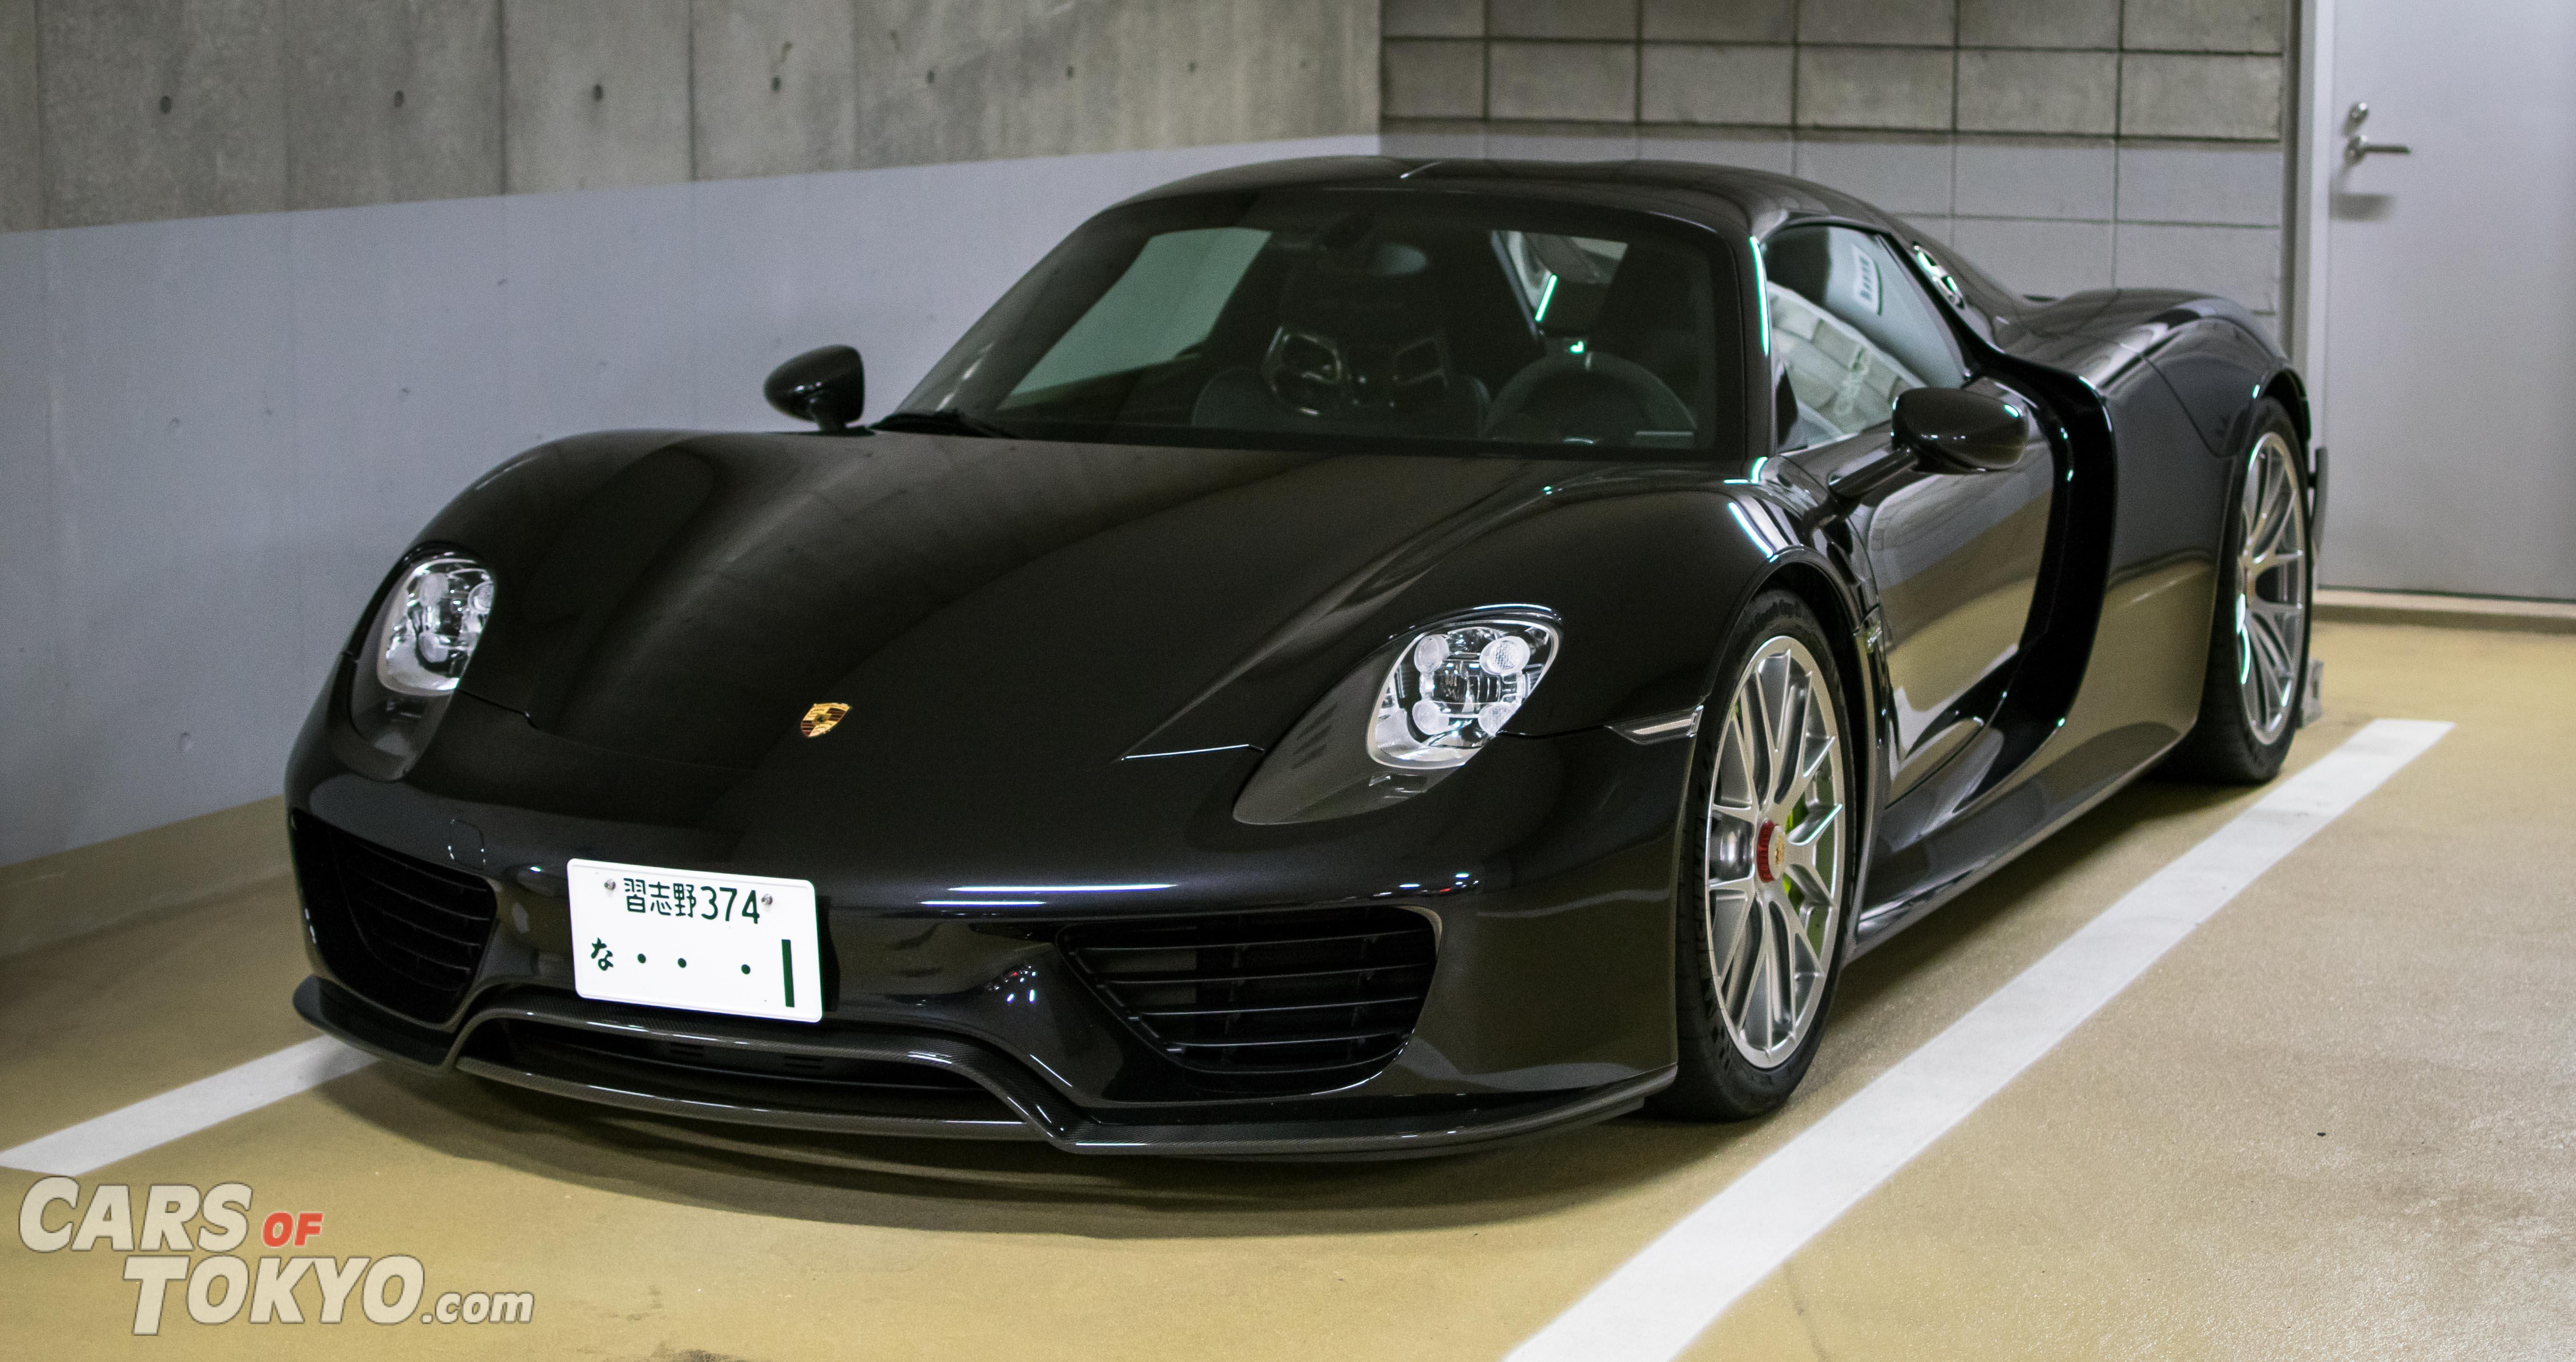 Cars of Tokyo Underground Porsche 918 Spyder